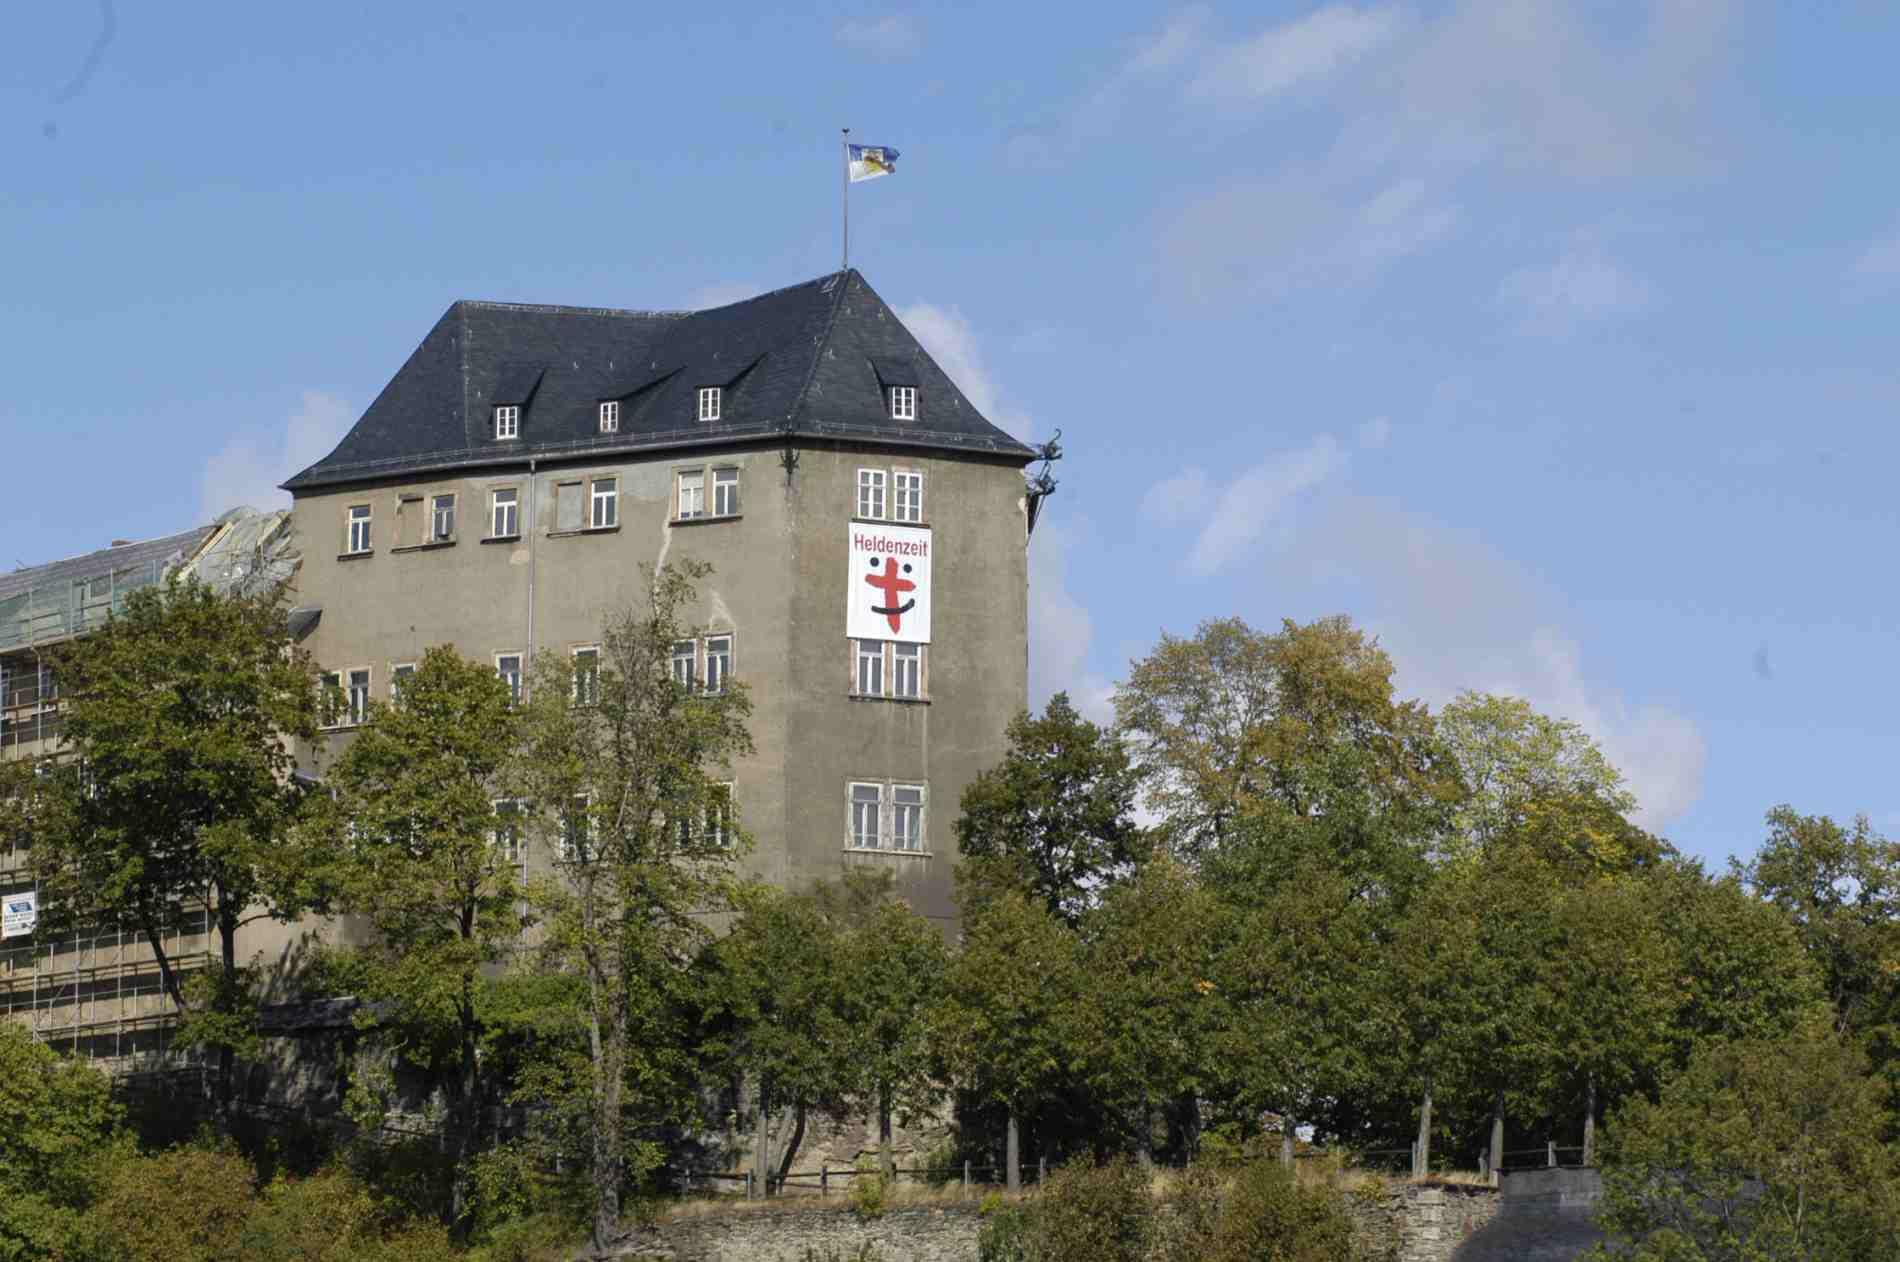 RB_037_XIII_Th_WERBUNG_2004_foto_karsten_schaarschmidt_007.jpg